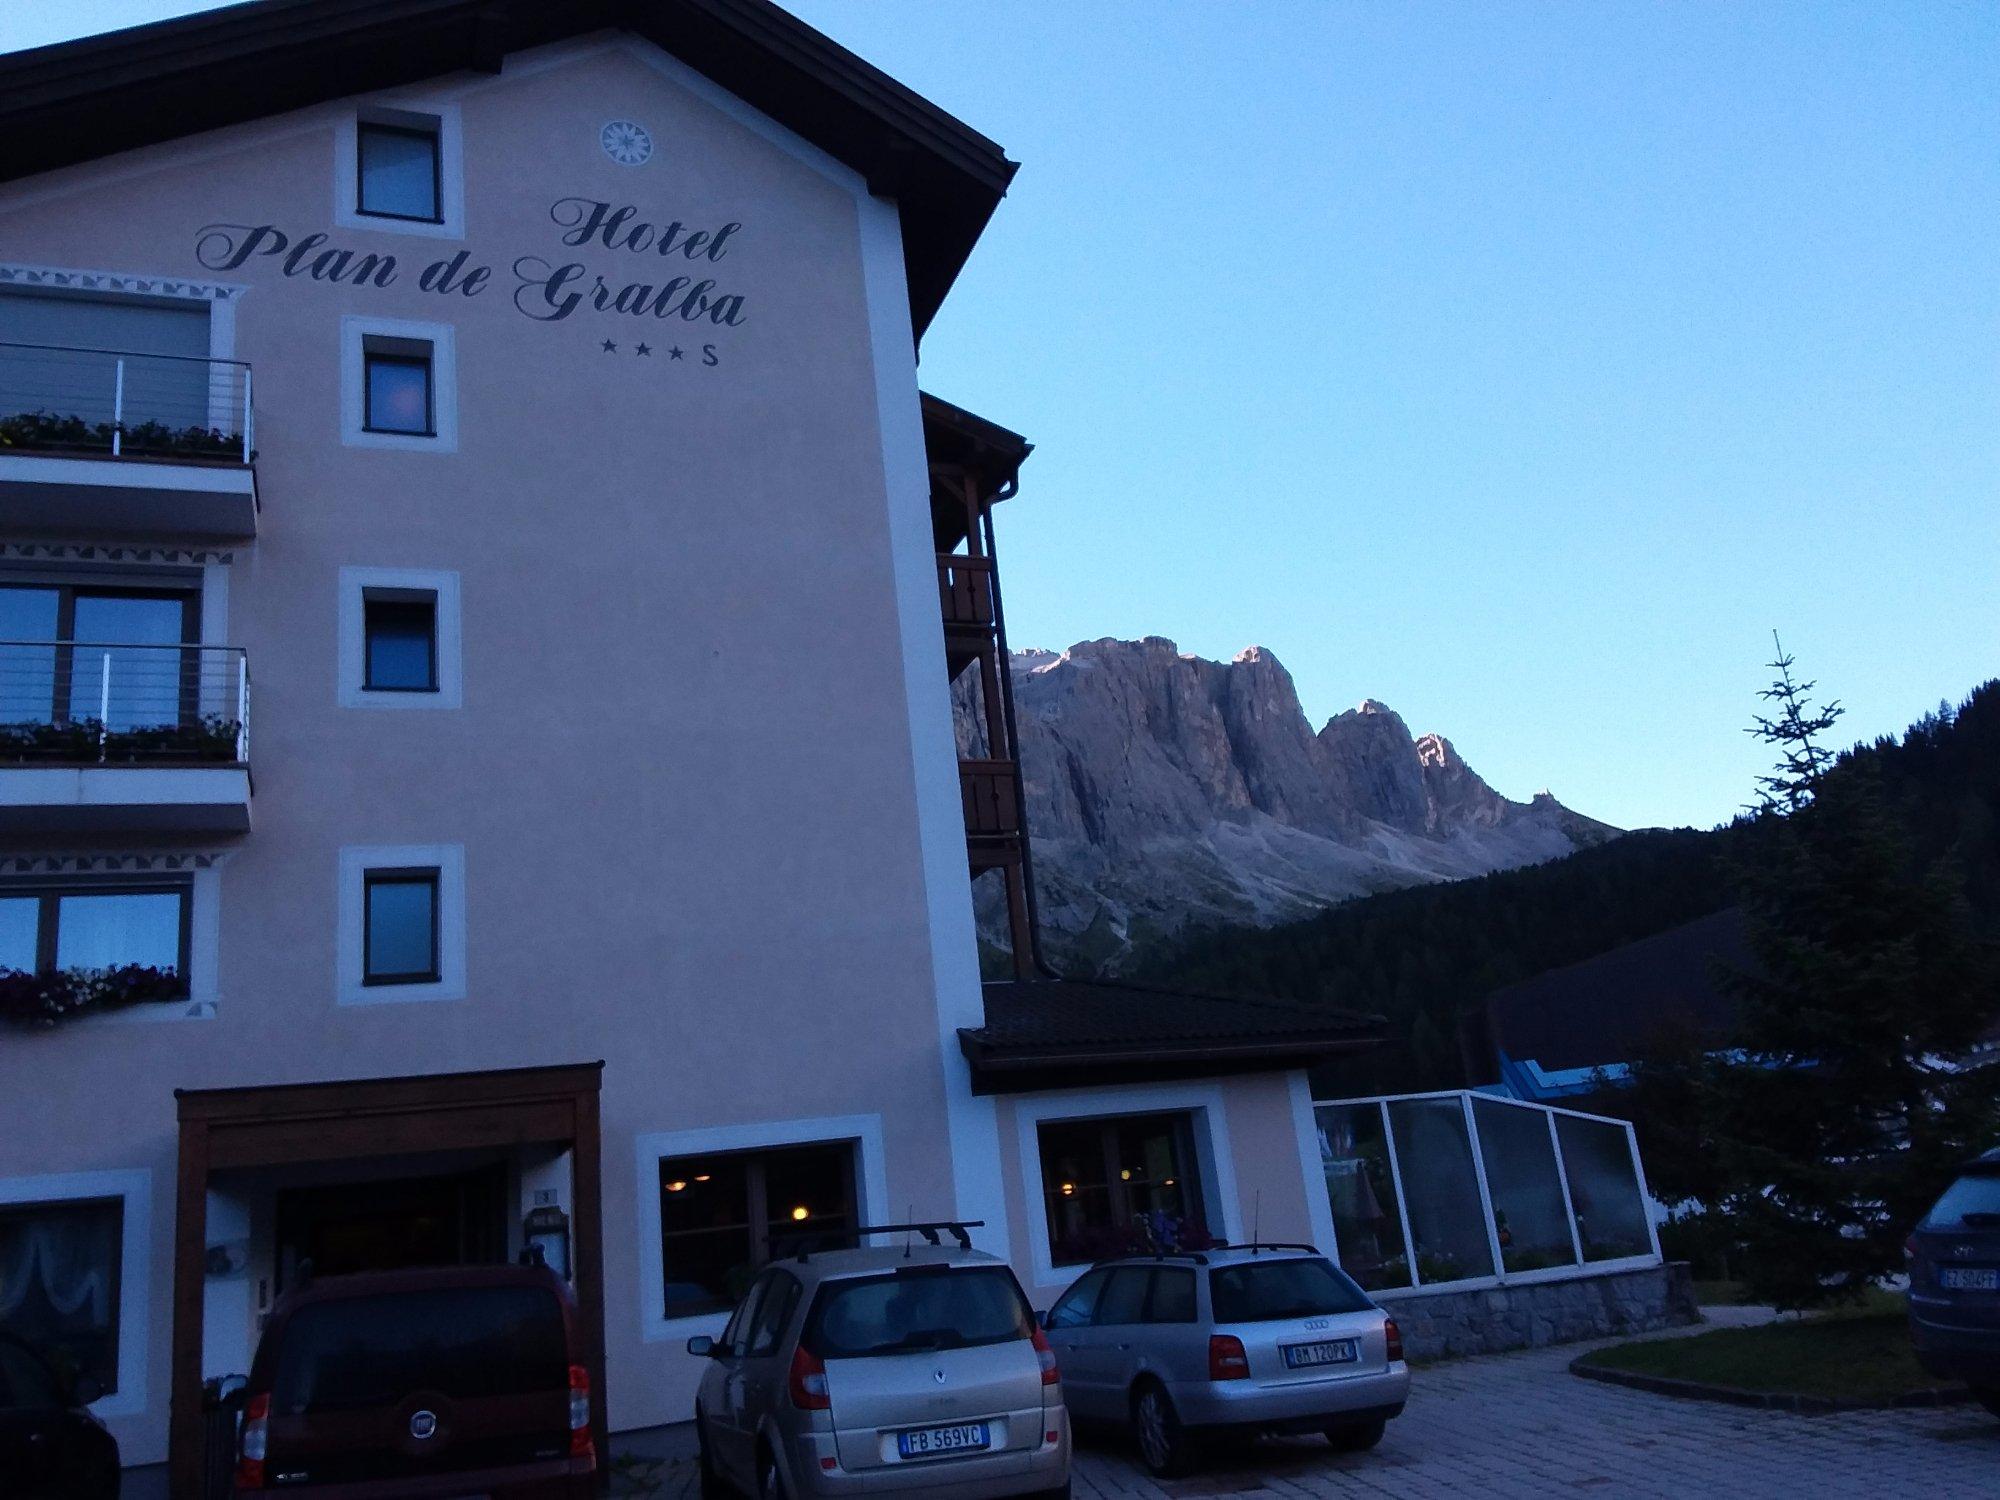 Hotel Plan de Gralba